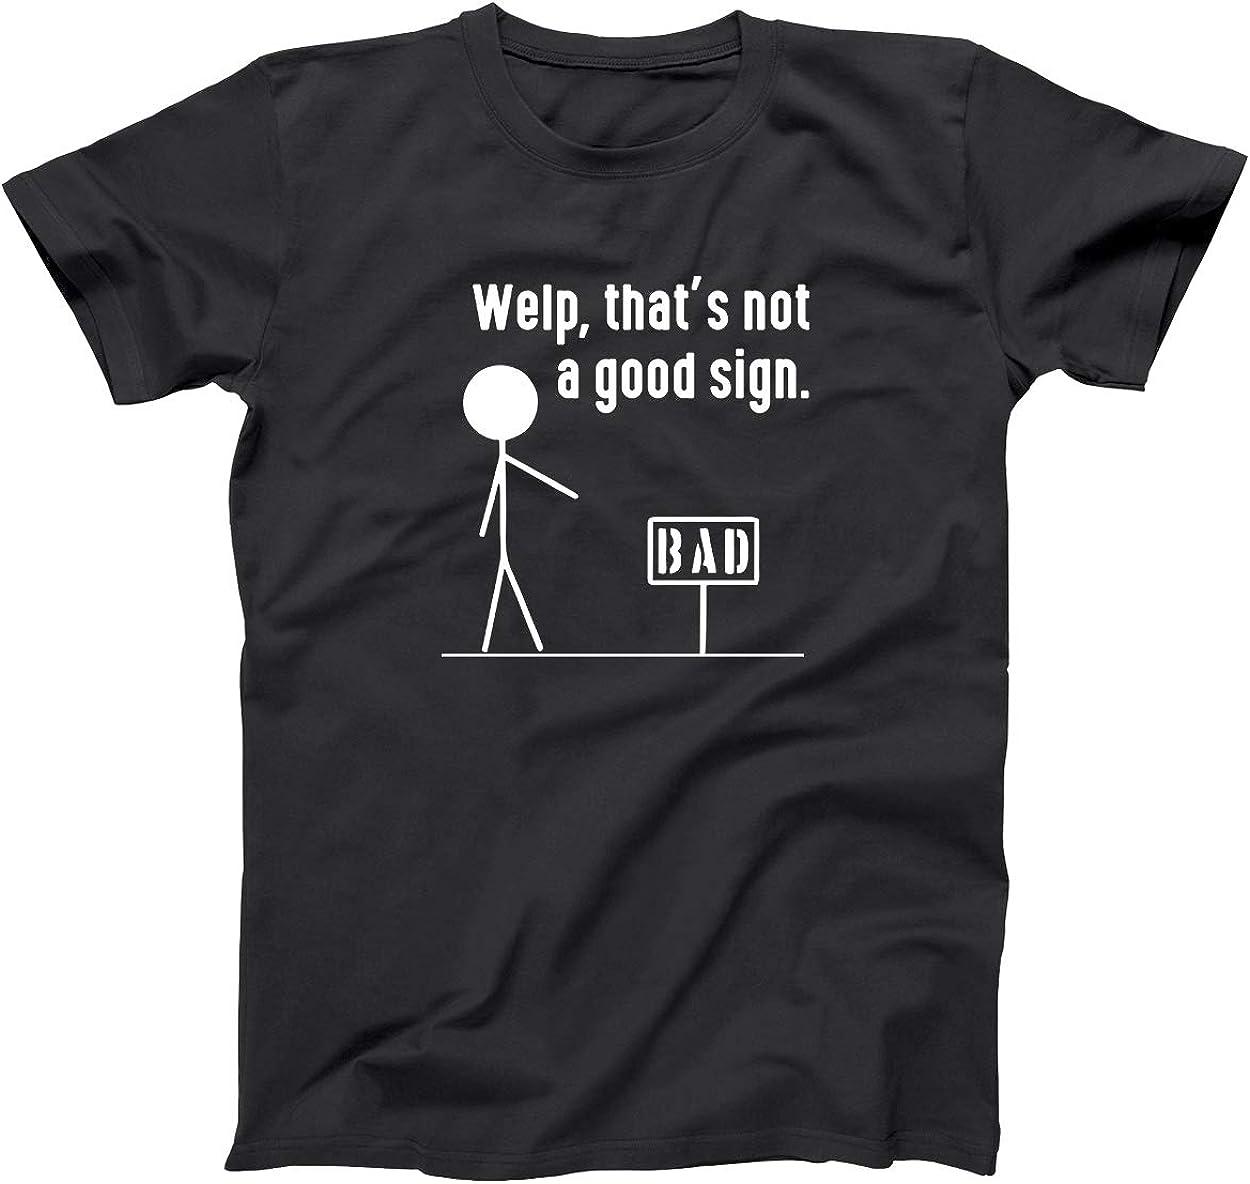 Thats A Bad Sign Funny Novelty Sarcasm Humor Gift Mens Big and Tall T-Shirt